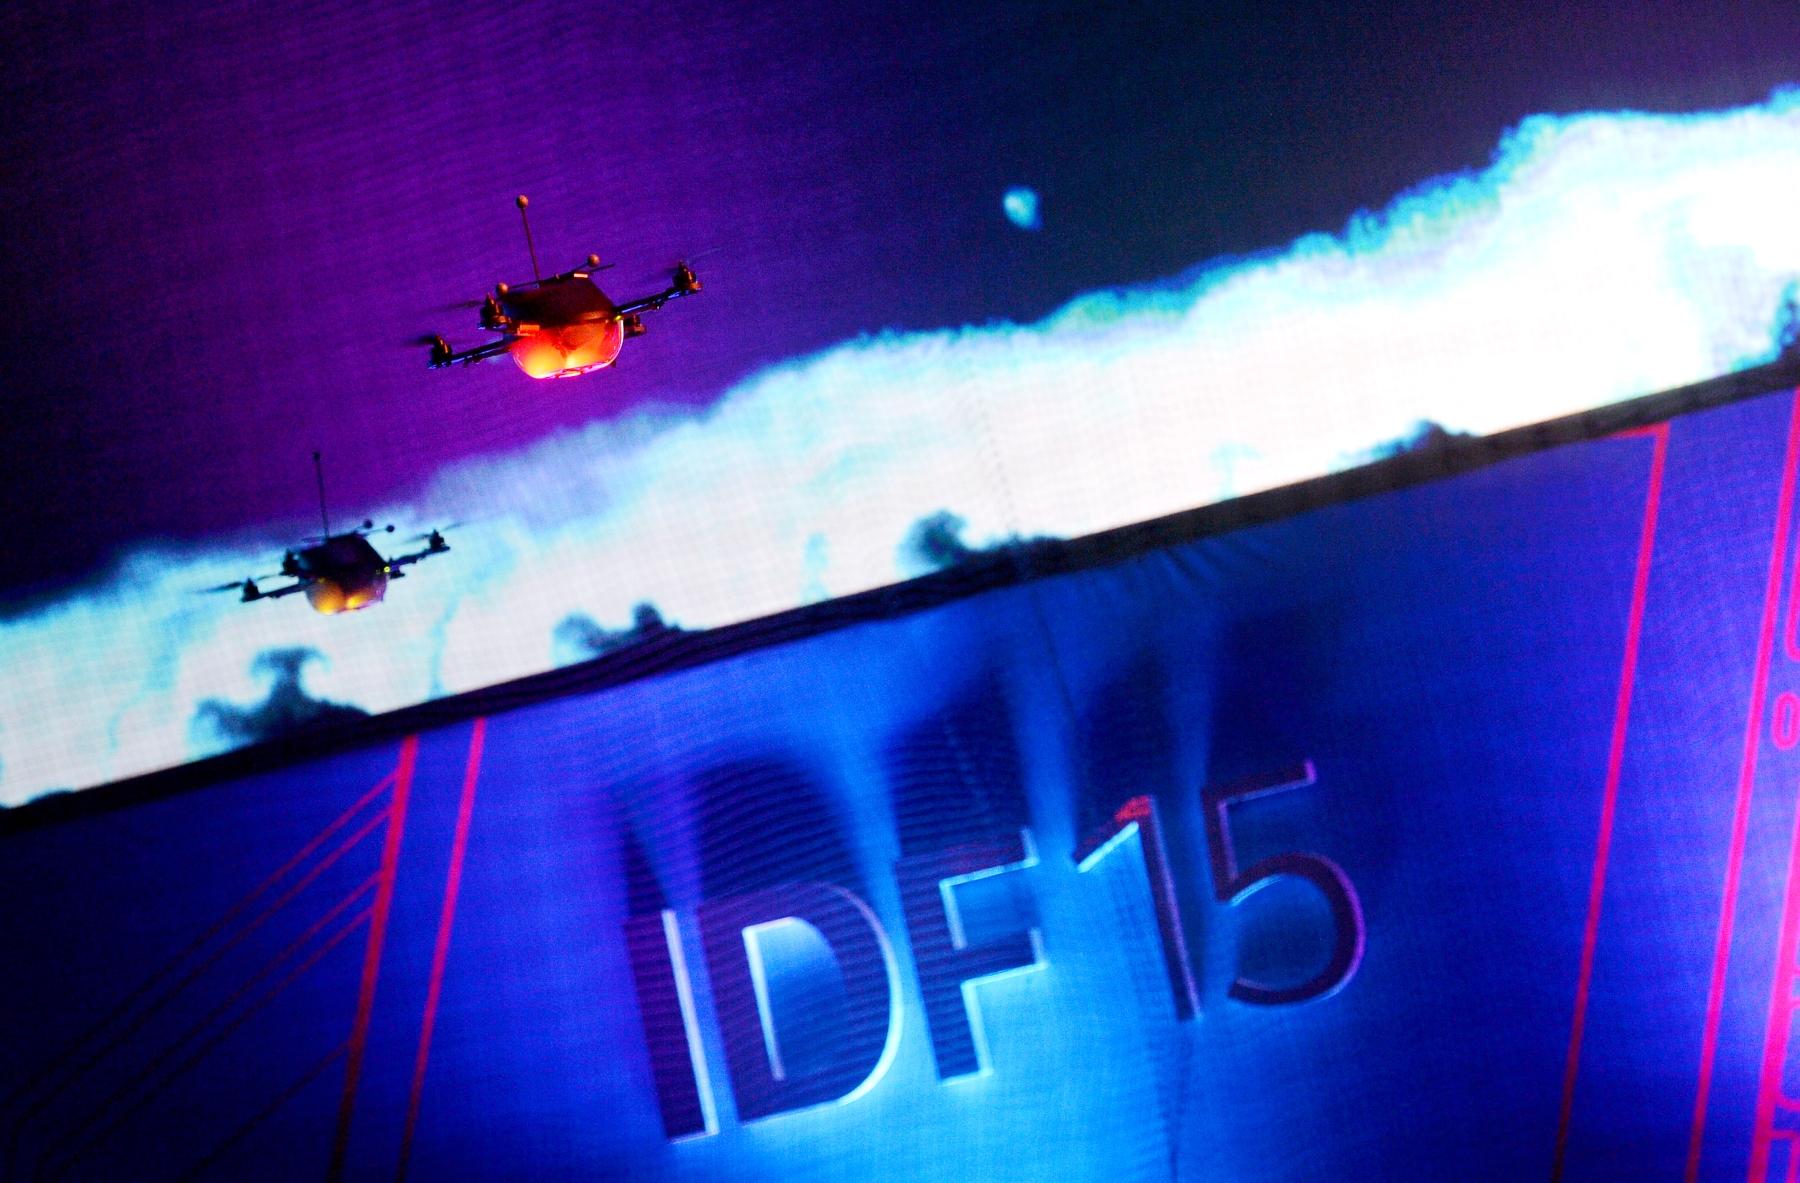 IDF-Shenzhen-2015_QuadcopterSwarm_1.JPG